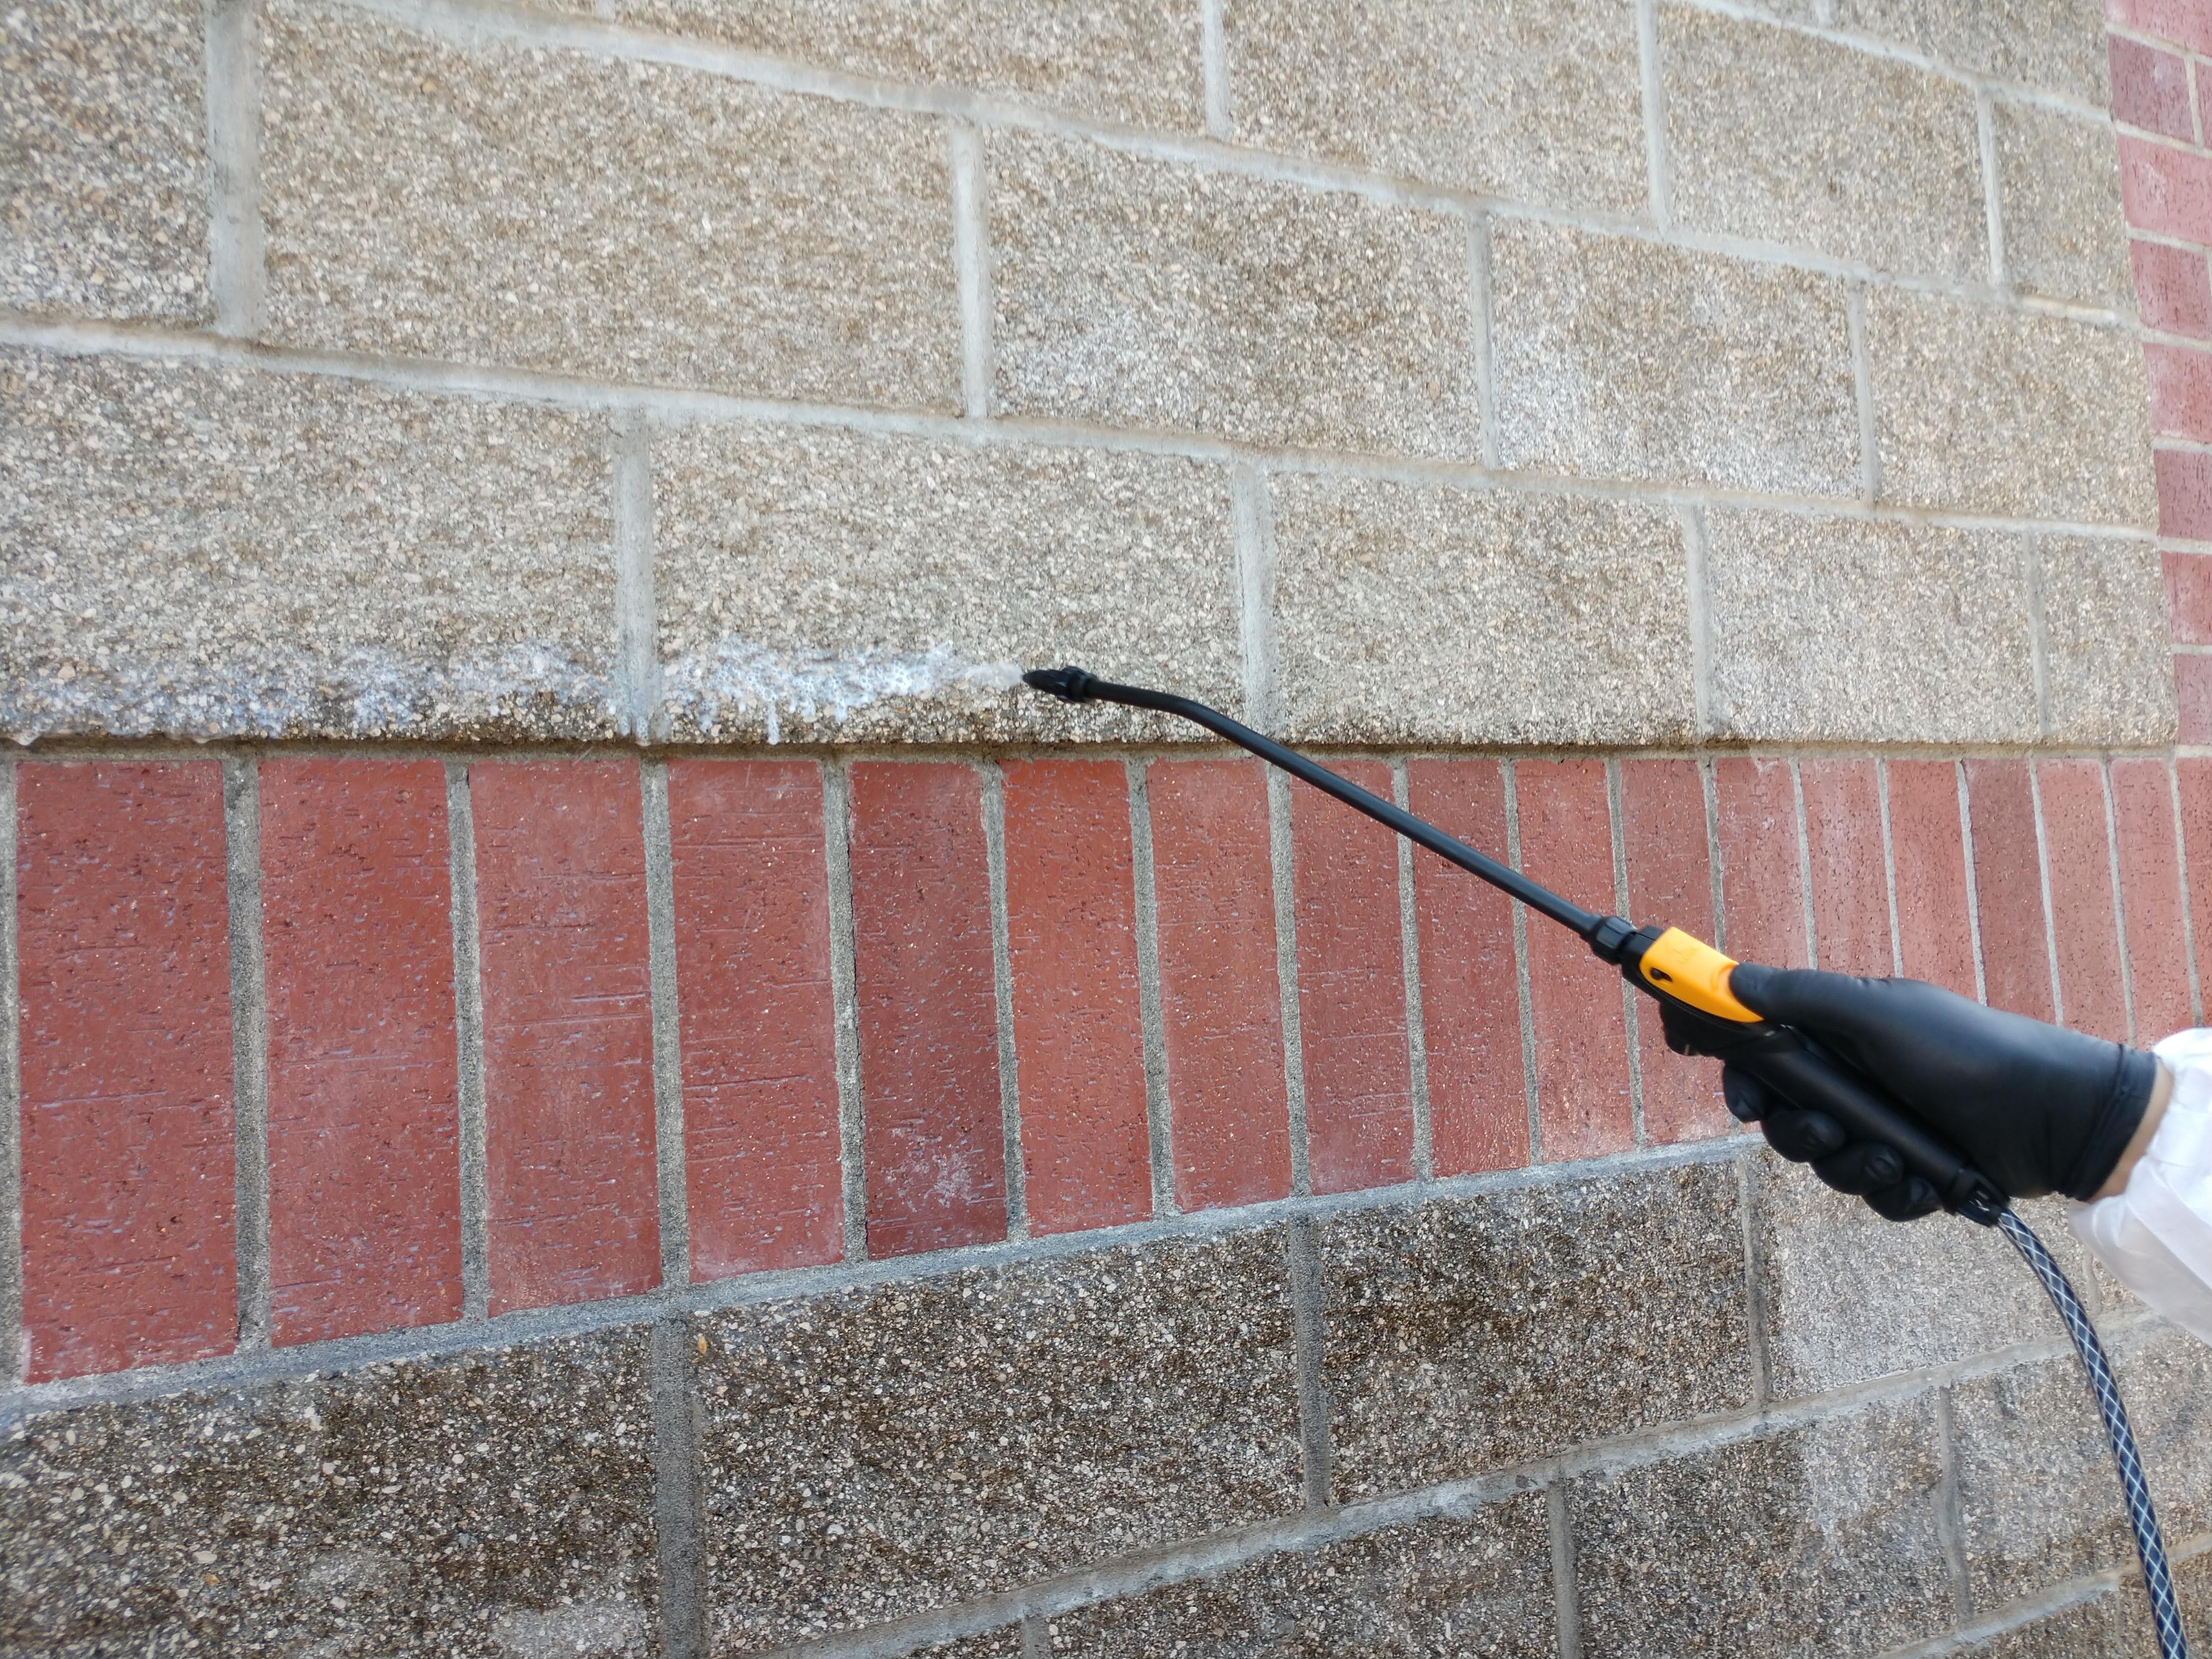 Waterproofing a brick wall at a stadium - airport facilities maintenance